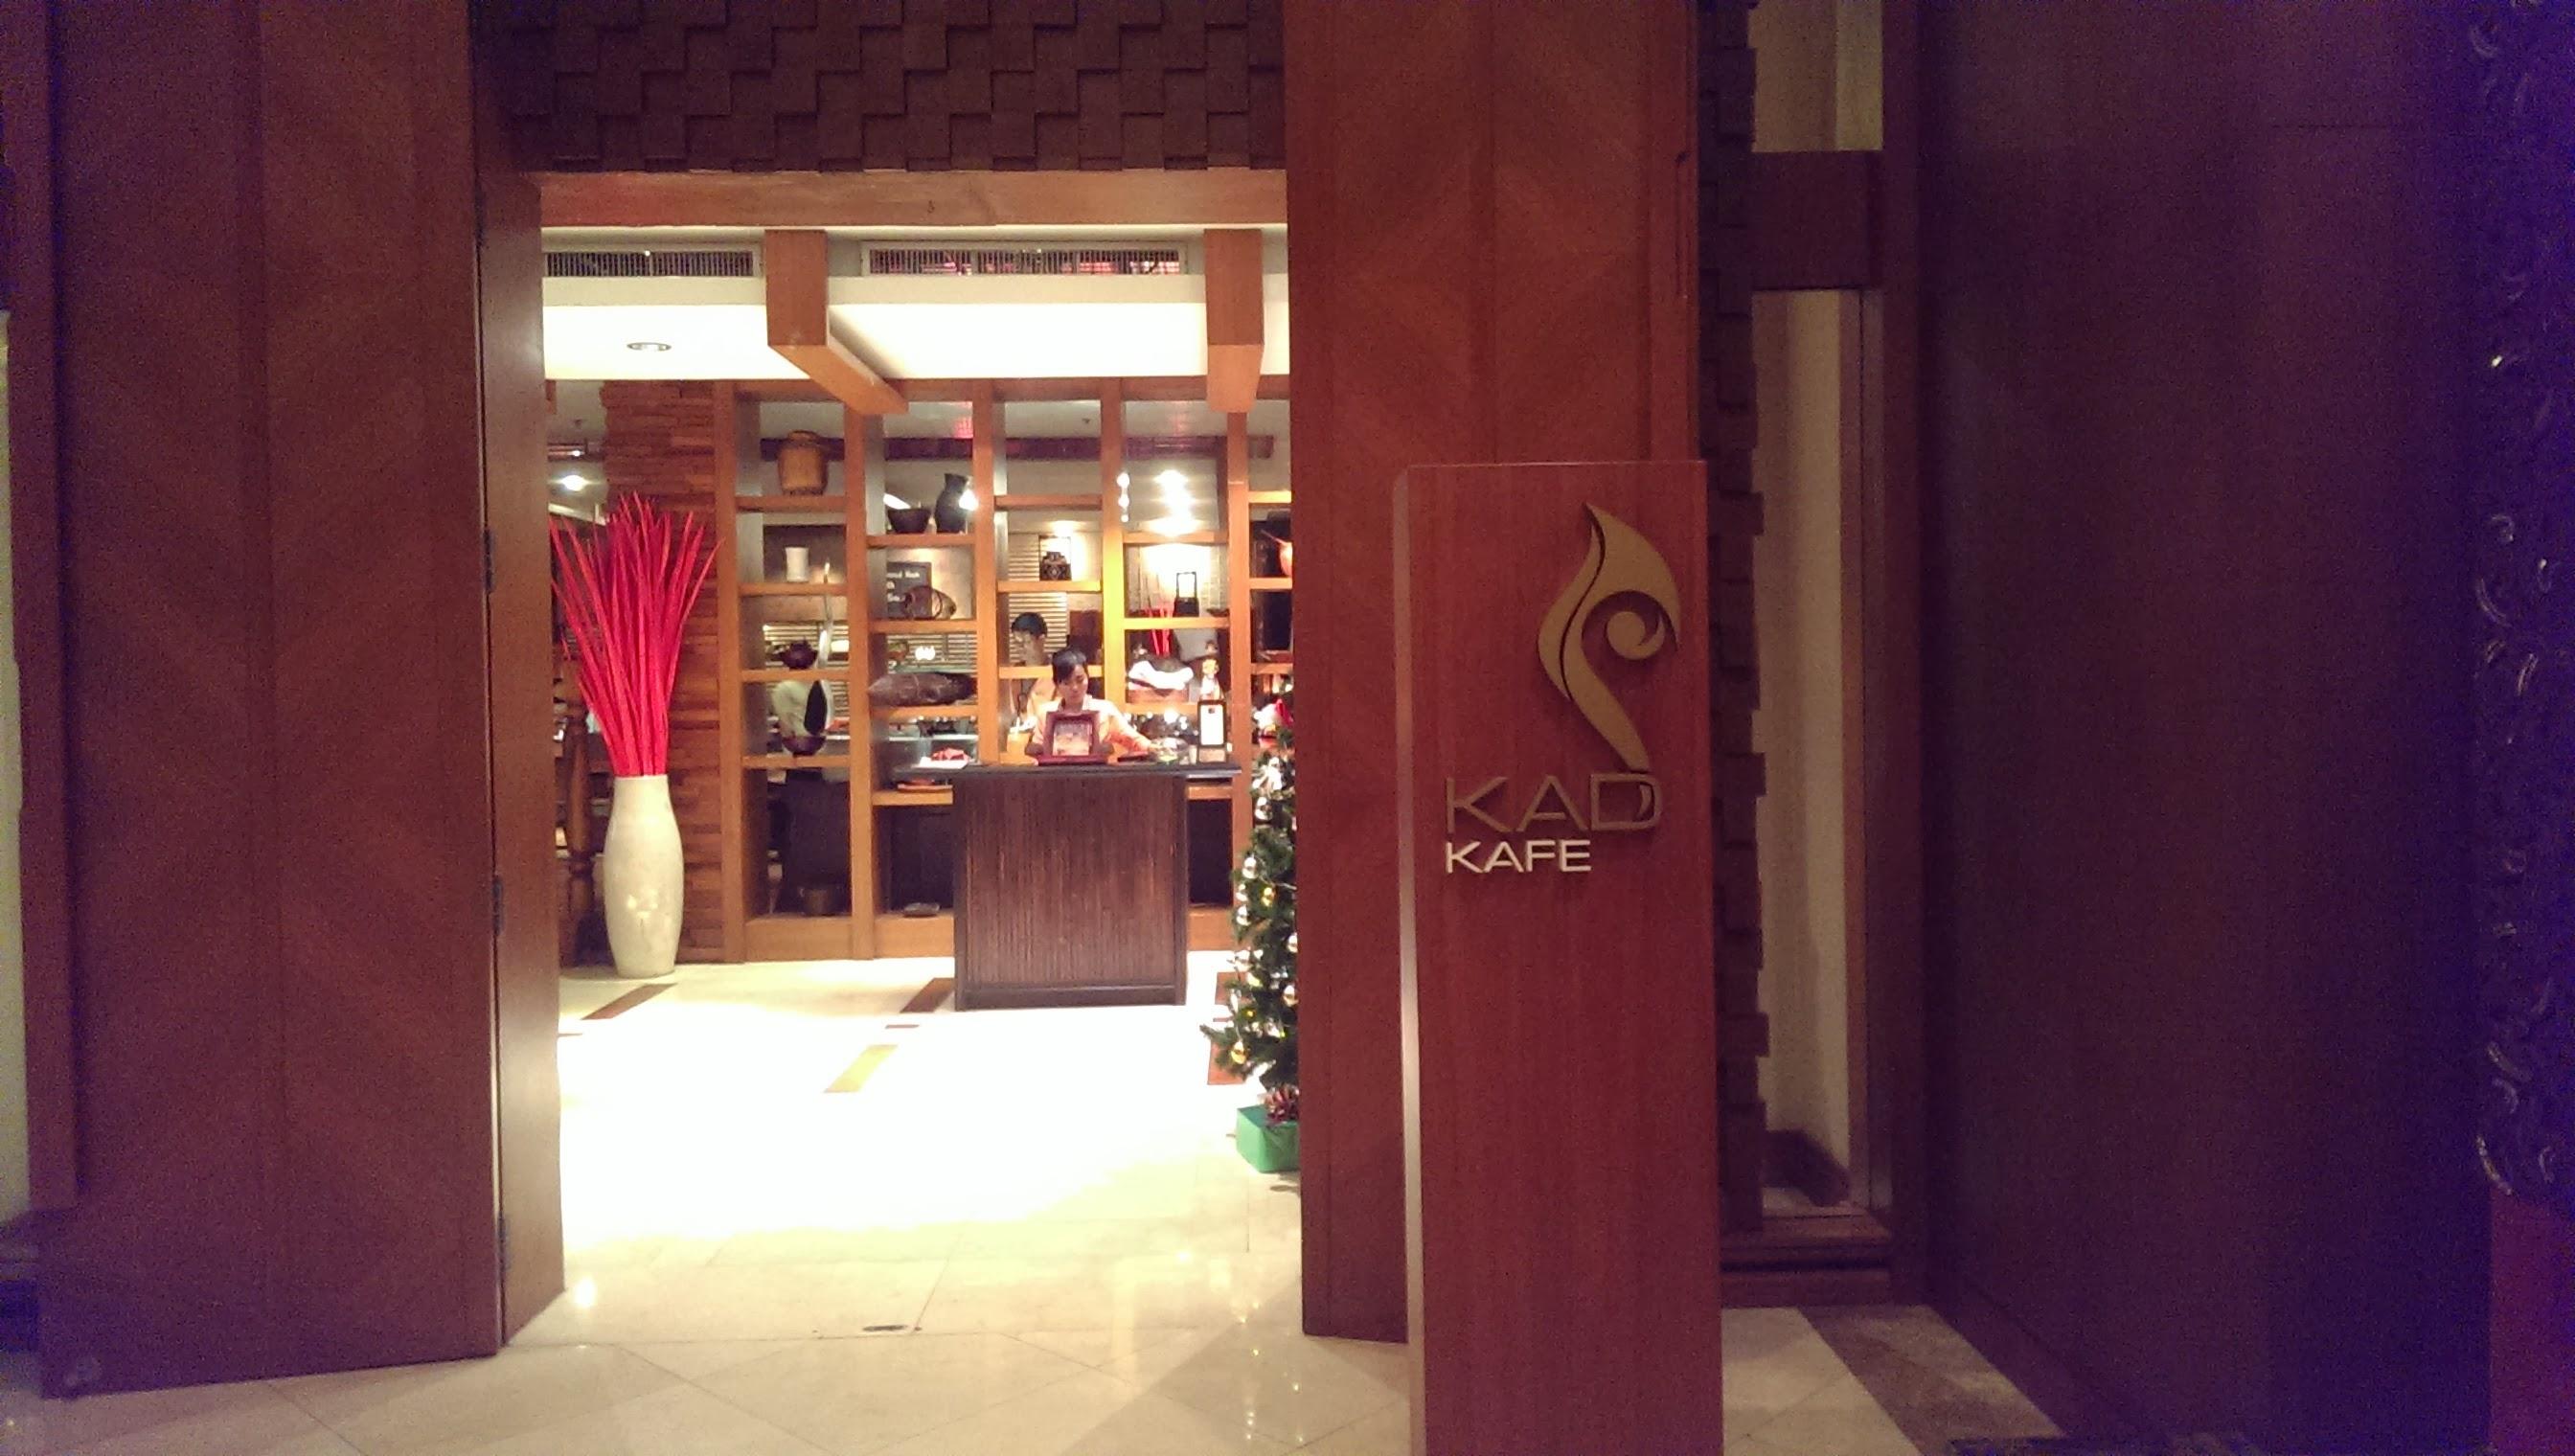 Kad Cafe